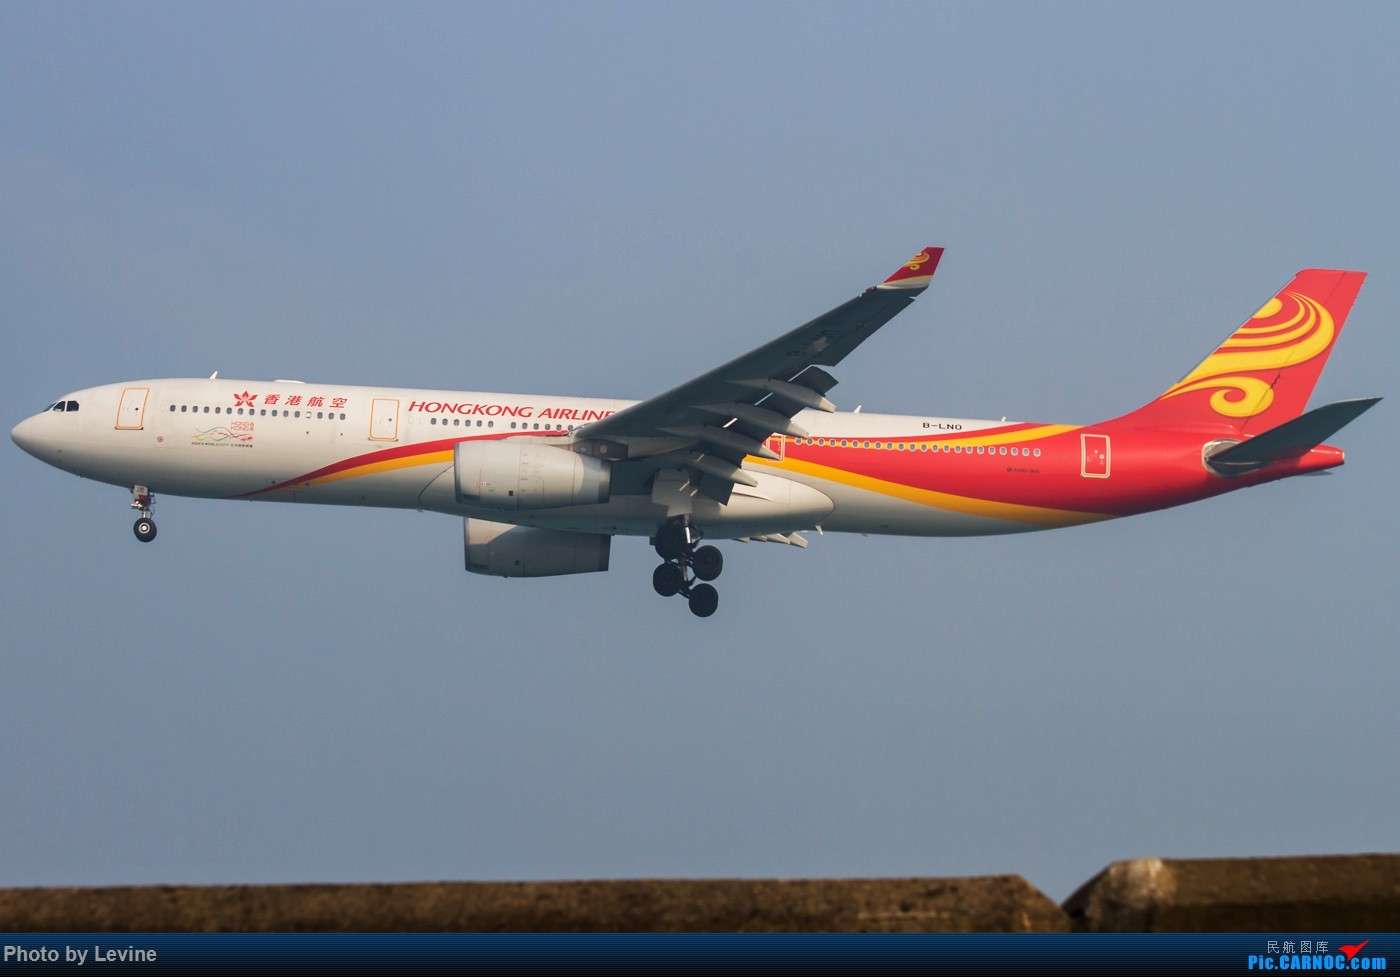 Re:[原创]◇ ■ ◇ ■ ◇ ■难得去一次香港却遇到大烂天◇ ■ ◇ ■ ◇ ■ AIRBUS A330-300 B-LNO 中国香港赤鱲角国际机场